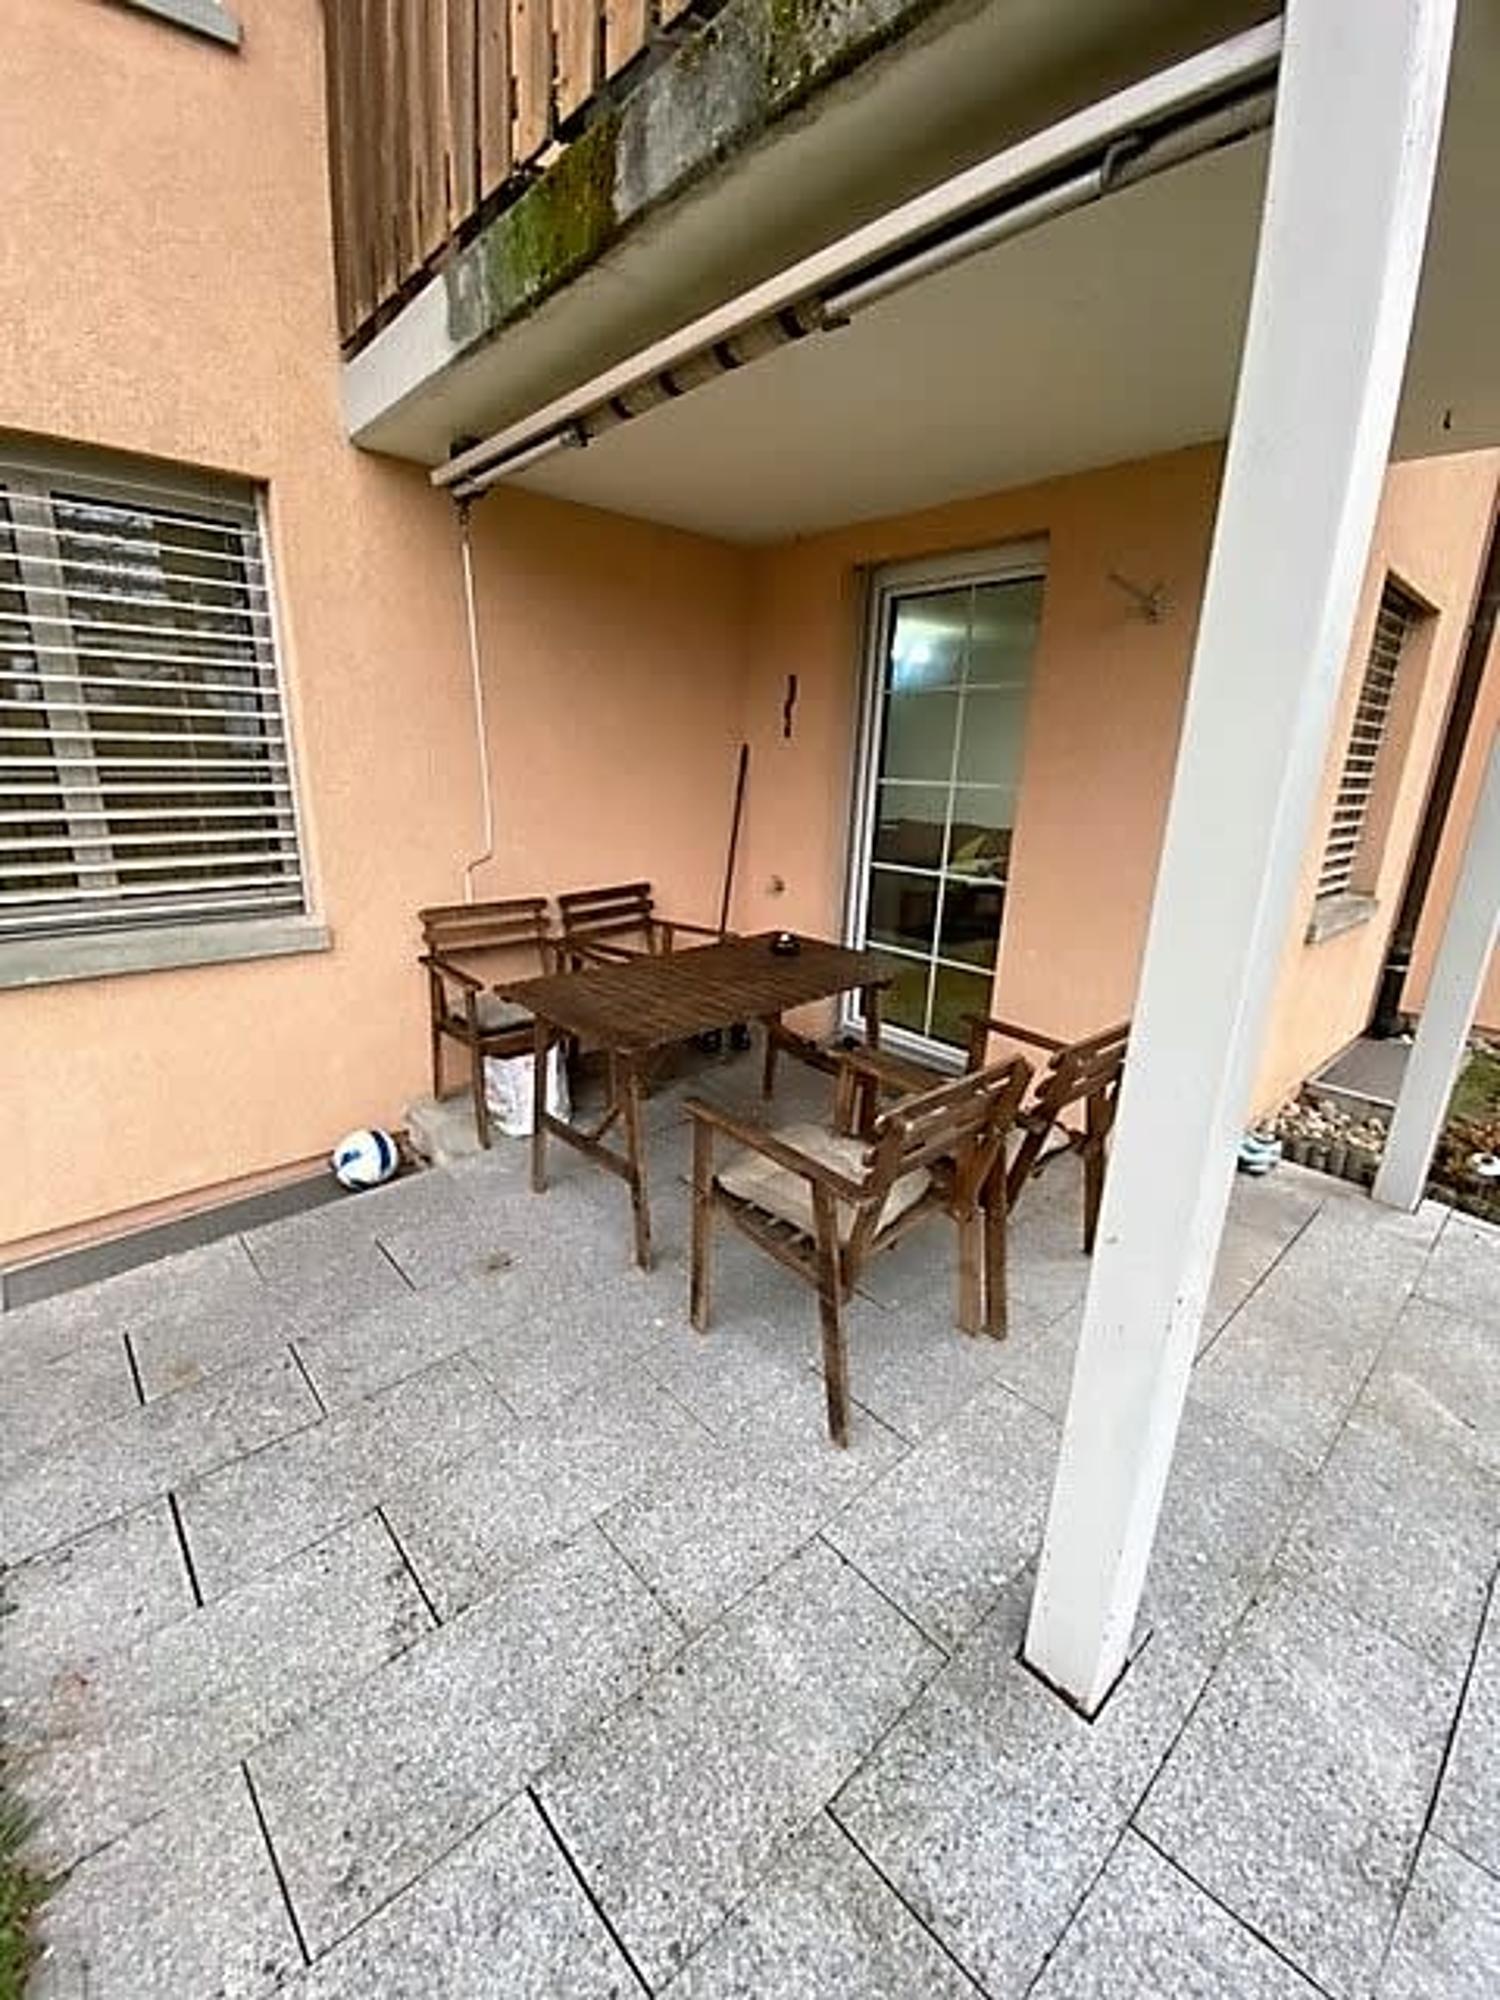 Gemütliche Wohnung mit sonnigem Sitzplatz